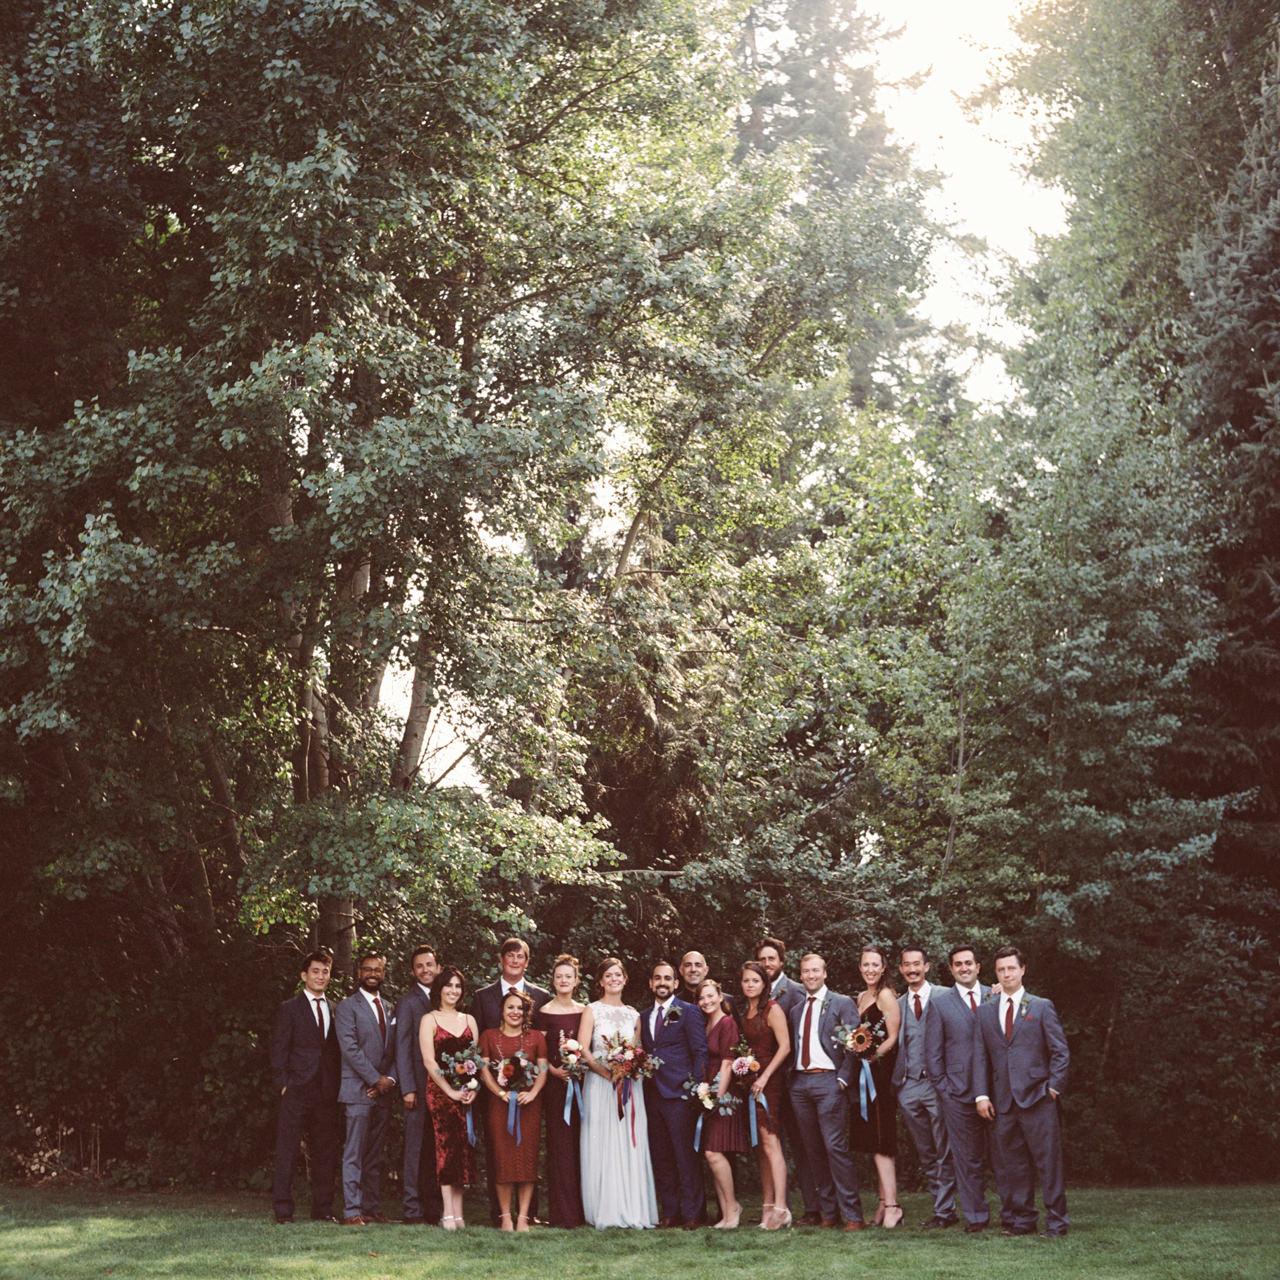 mt-hood-organic-farms-film-wedding-12.jpg